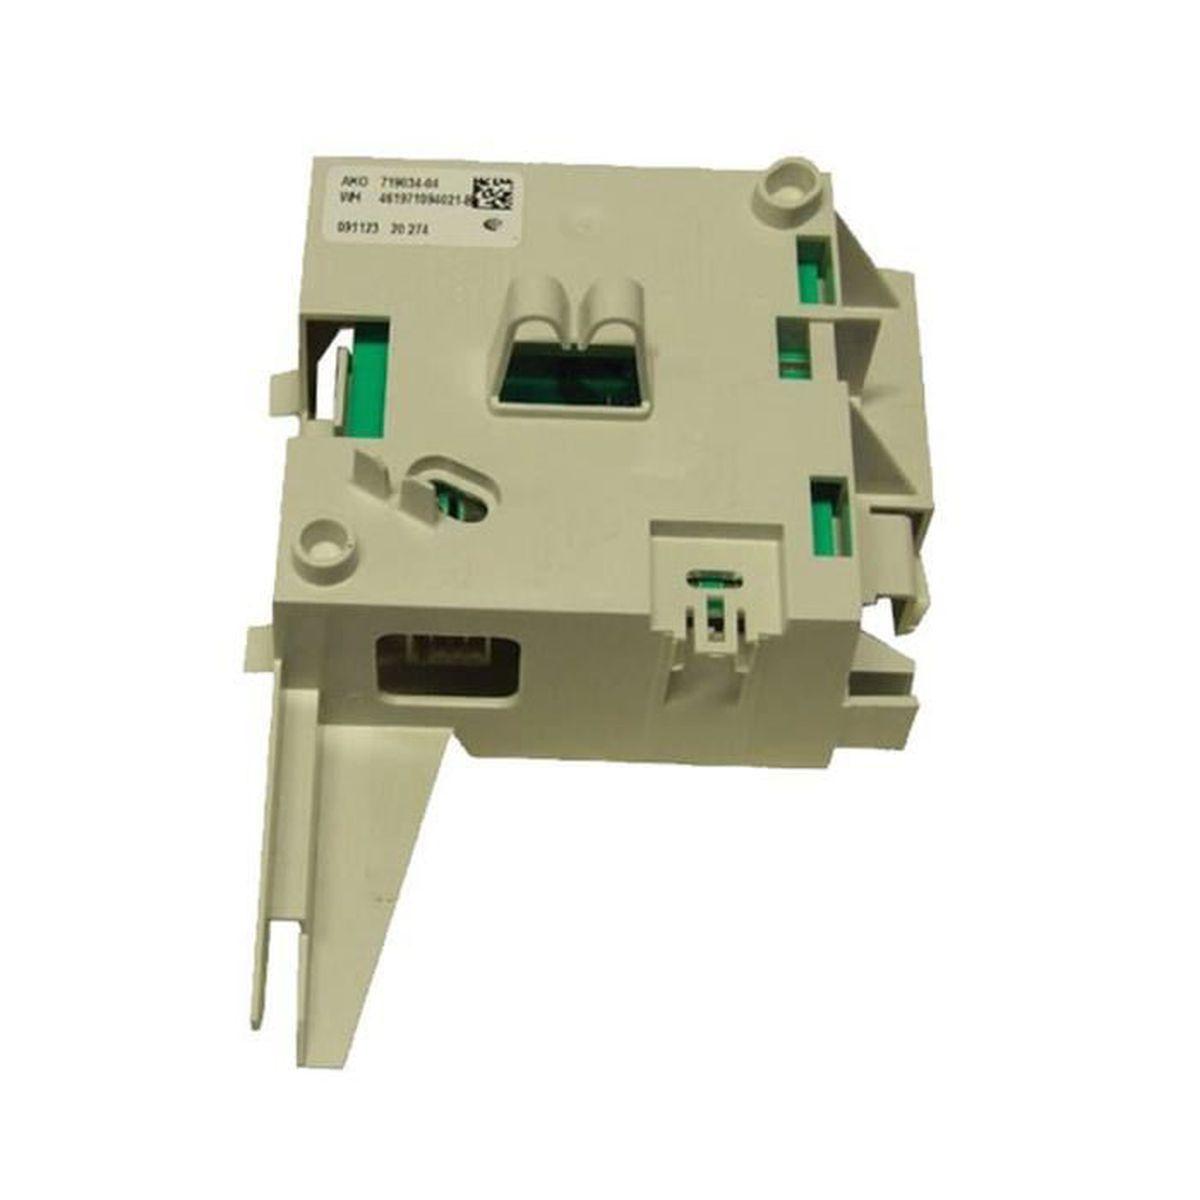 Appareil Magnétique Anti Humidité module d'humidite pour sèche-linge bauknecht, ignis, kitchenaid, laden